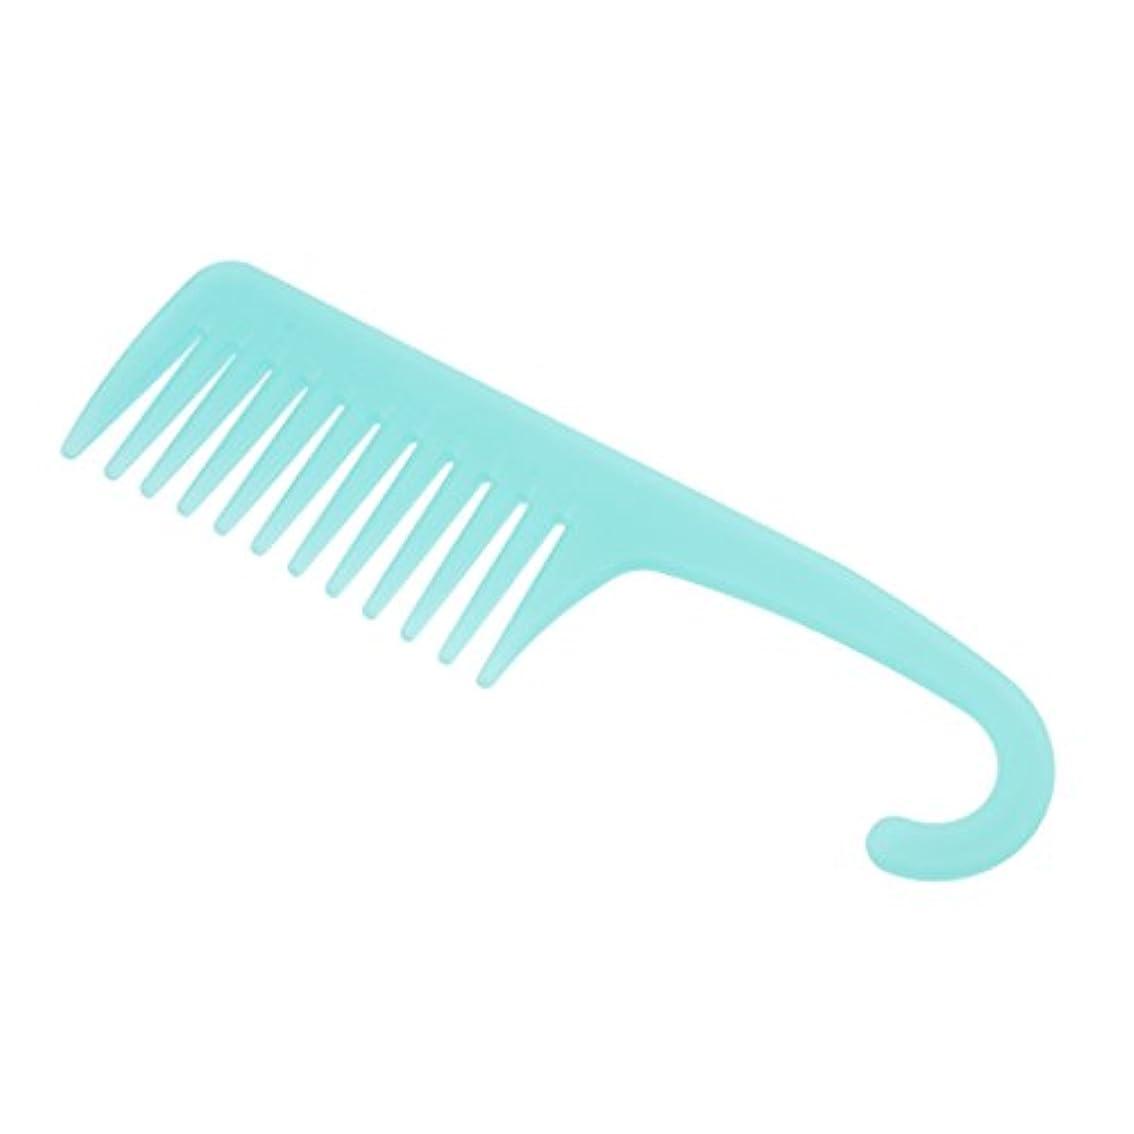 時々考える訪問ワイド歯ブラシ ヘアブラシ プロ ヘアーコンディション 櫛 耐熱性 帯電防止 ヘアコーム 3タイプ選べる - A